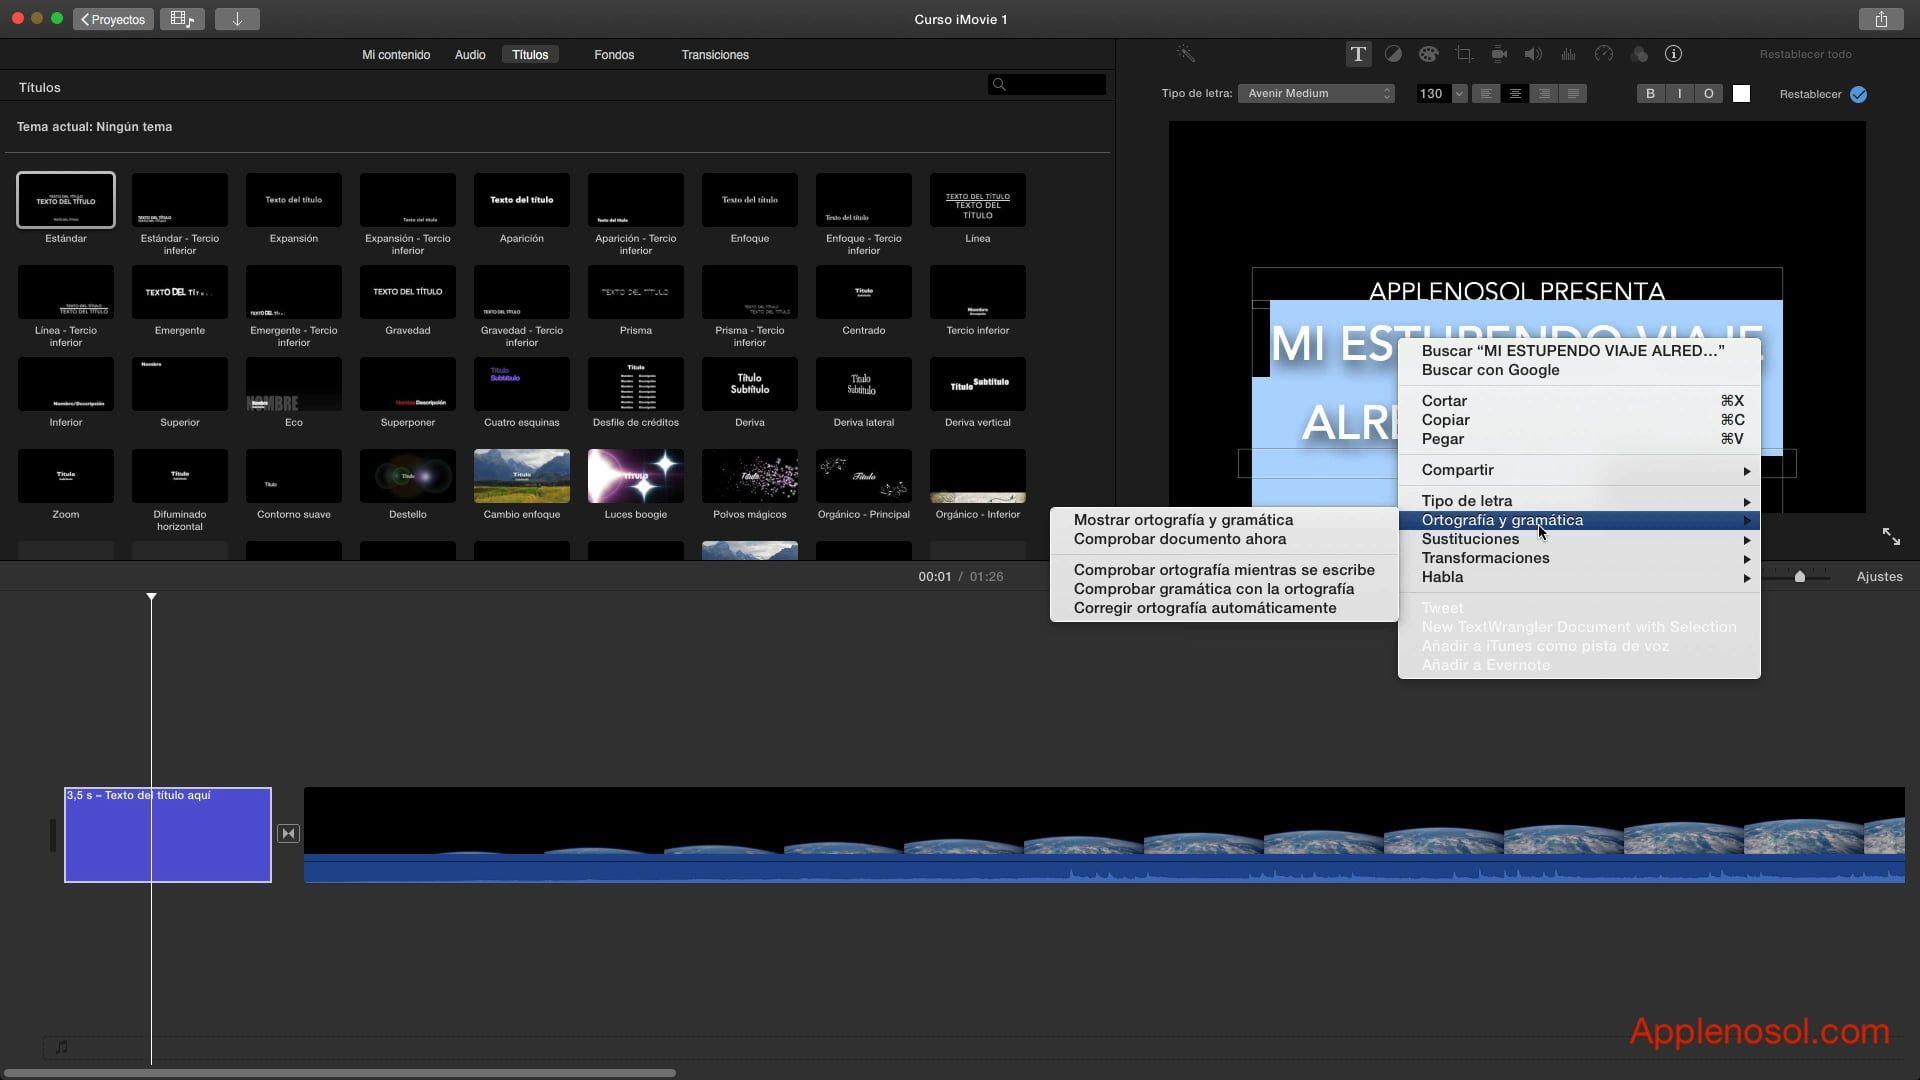 Curso iMovie #4. Imágenes y Volumen | Applenosol.com Podcast Diario ...